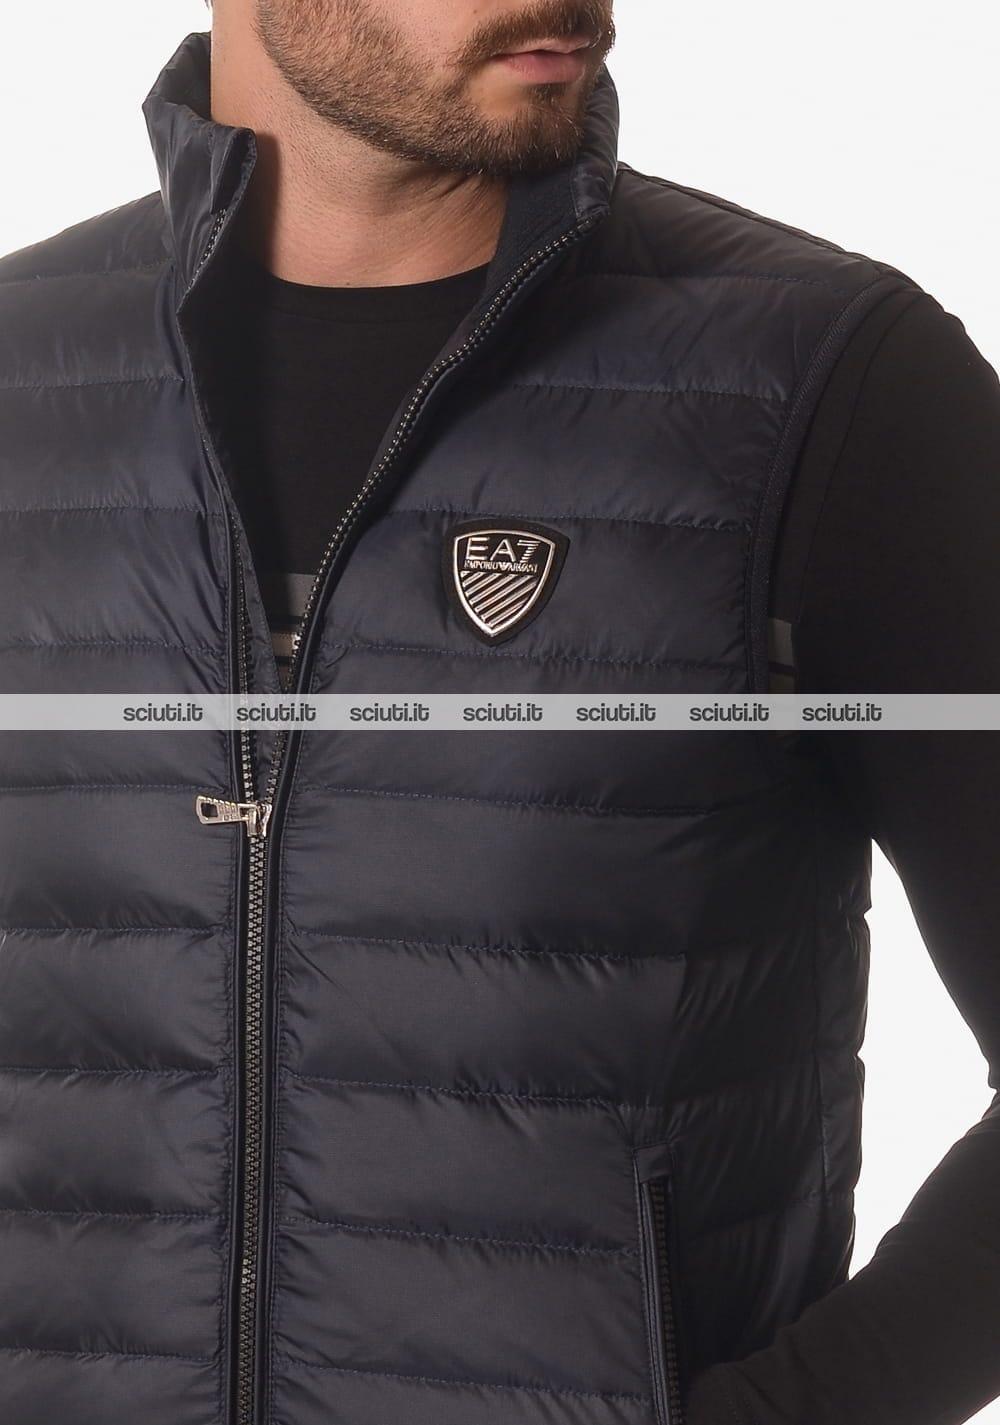 premium selection 5def2 7927c Smanicato Emporio Armani uomo tessuto tecnico blu scuro ...